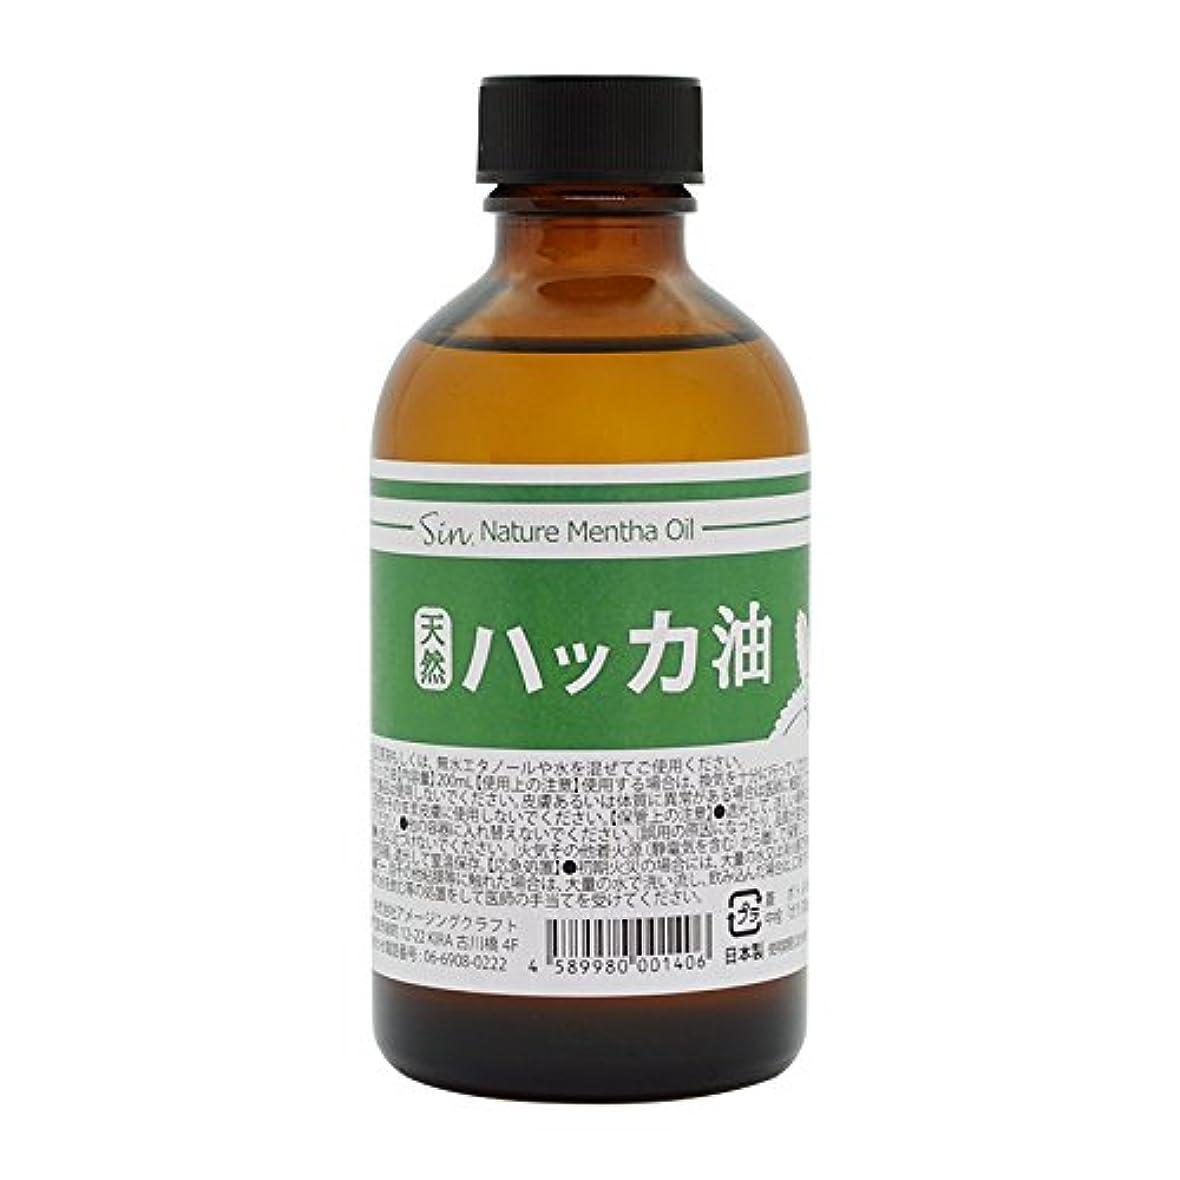 ロビー熱カートリッジ日本製 天然ハッカ油(ハッカオイル) 200ml 中栓付き